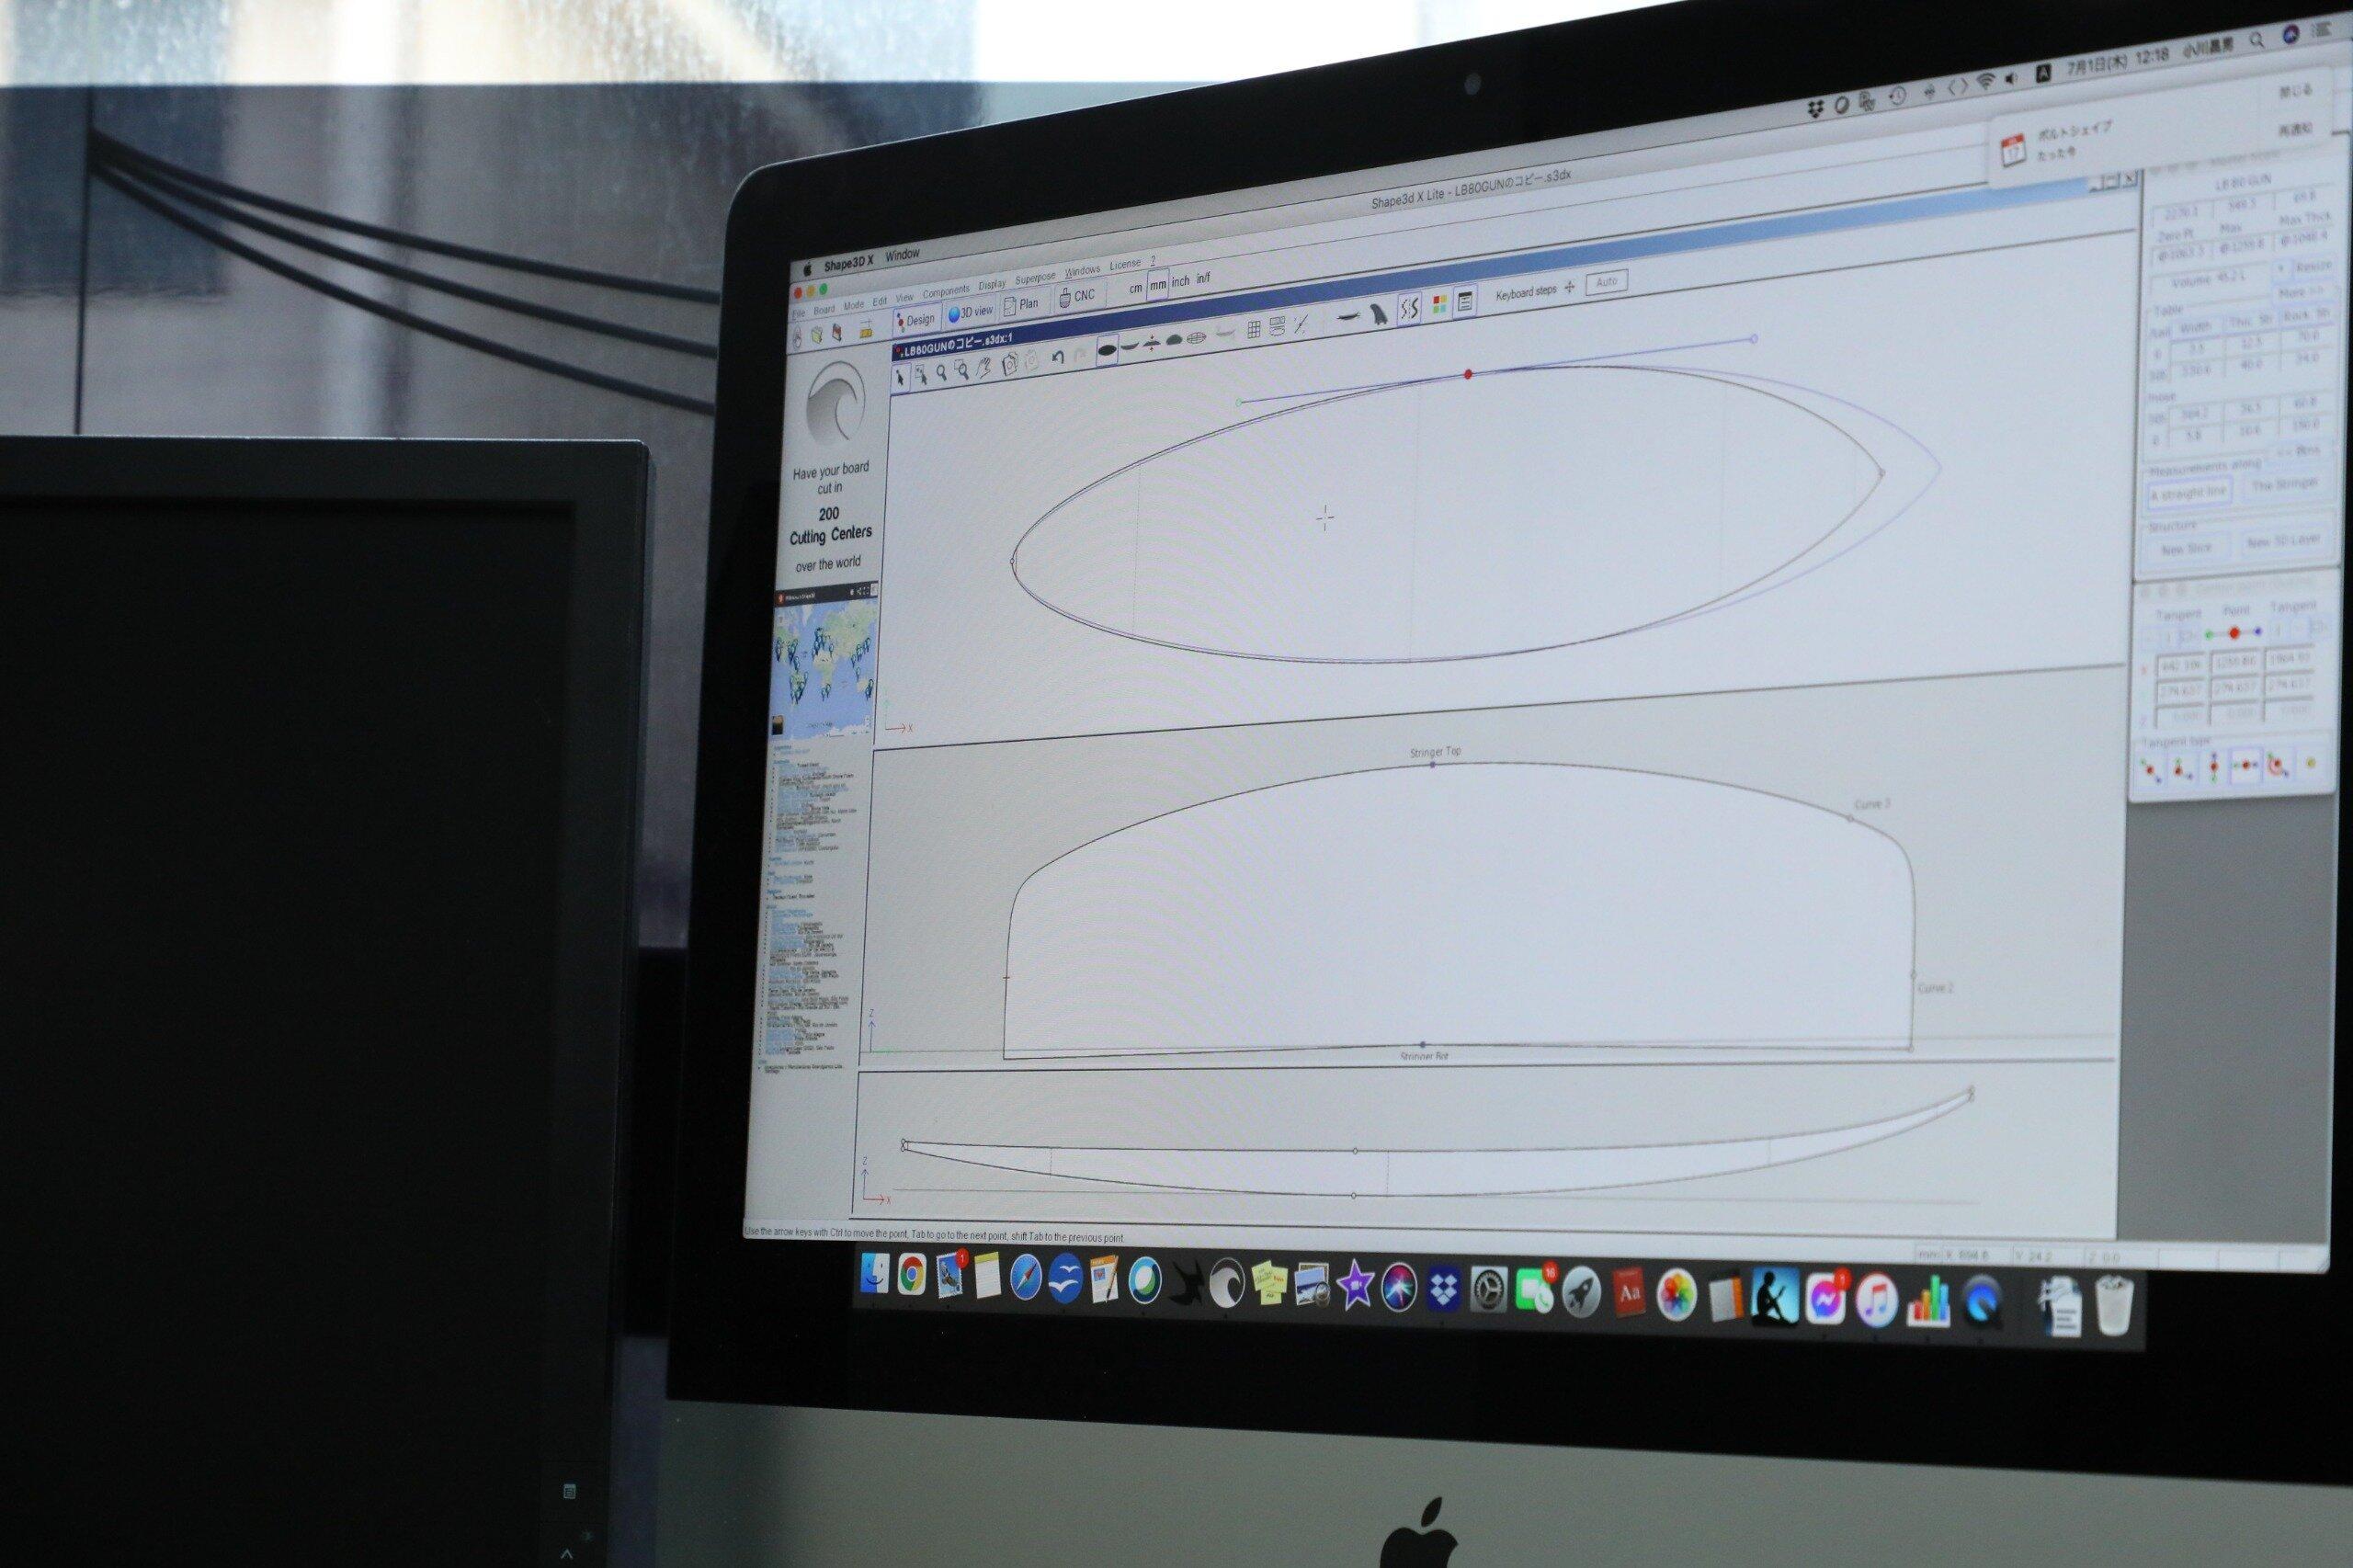 ハンドシェイプのための設計図を作っていく。 PC画面の二段目がサーフボードを横に割った断面図。山の頂点がセンターの厚さで側面がレールの厚さ。